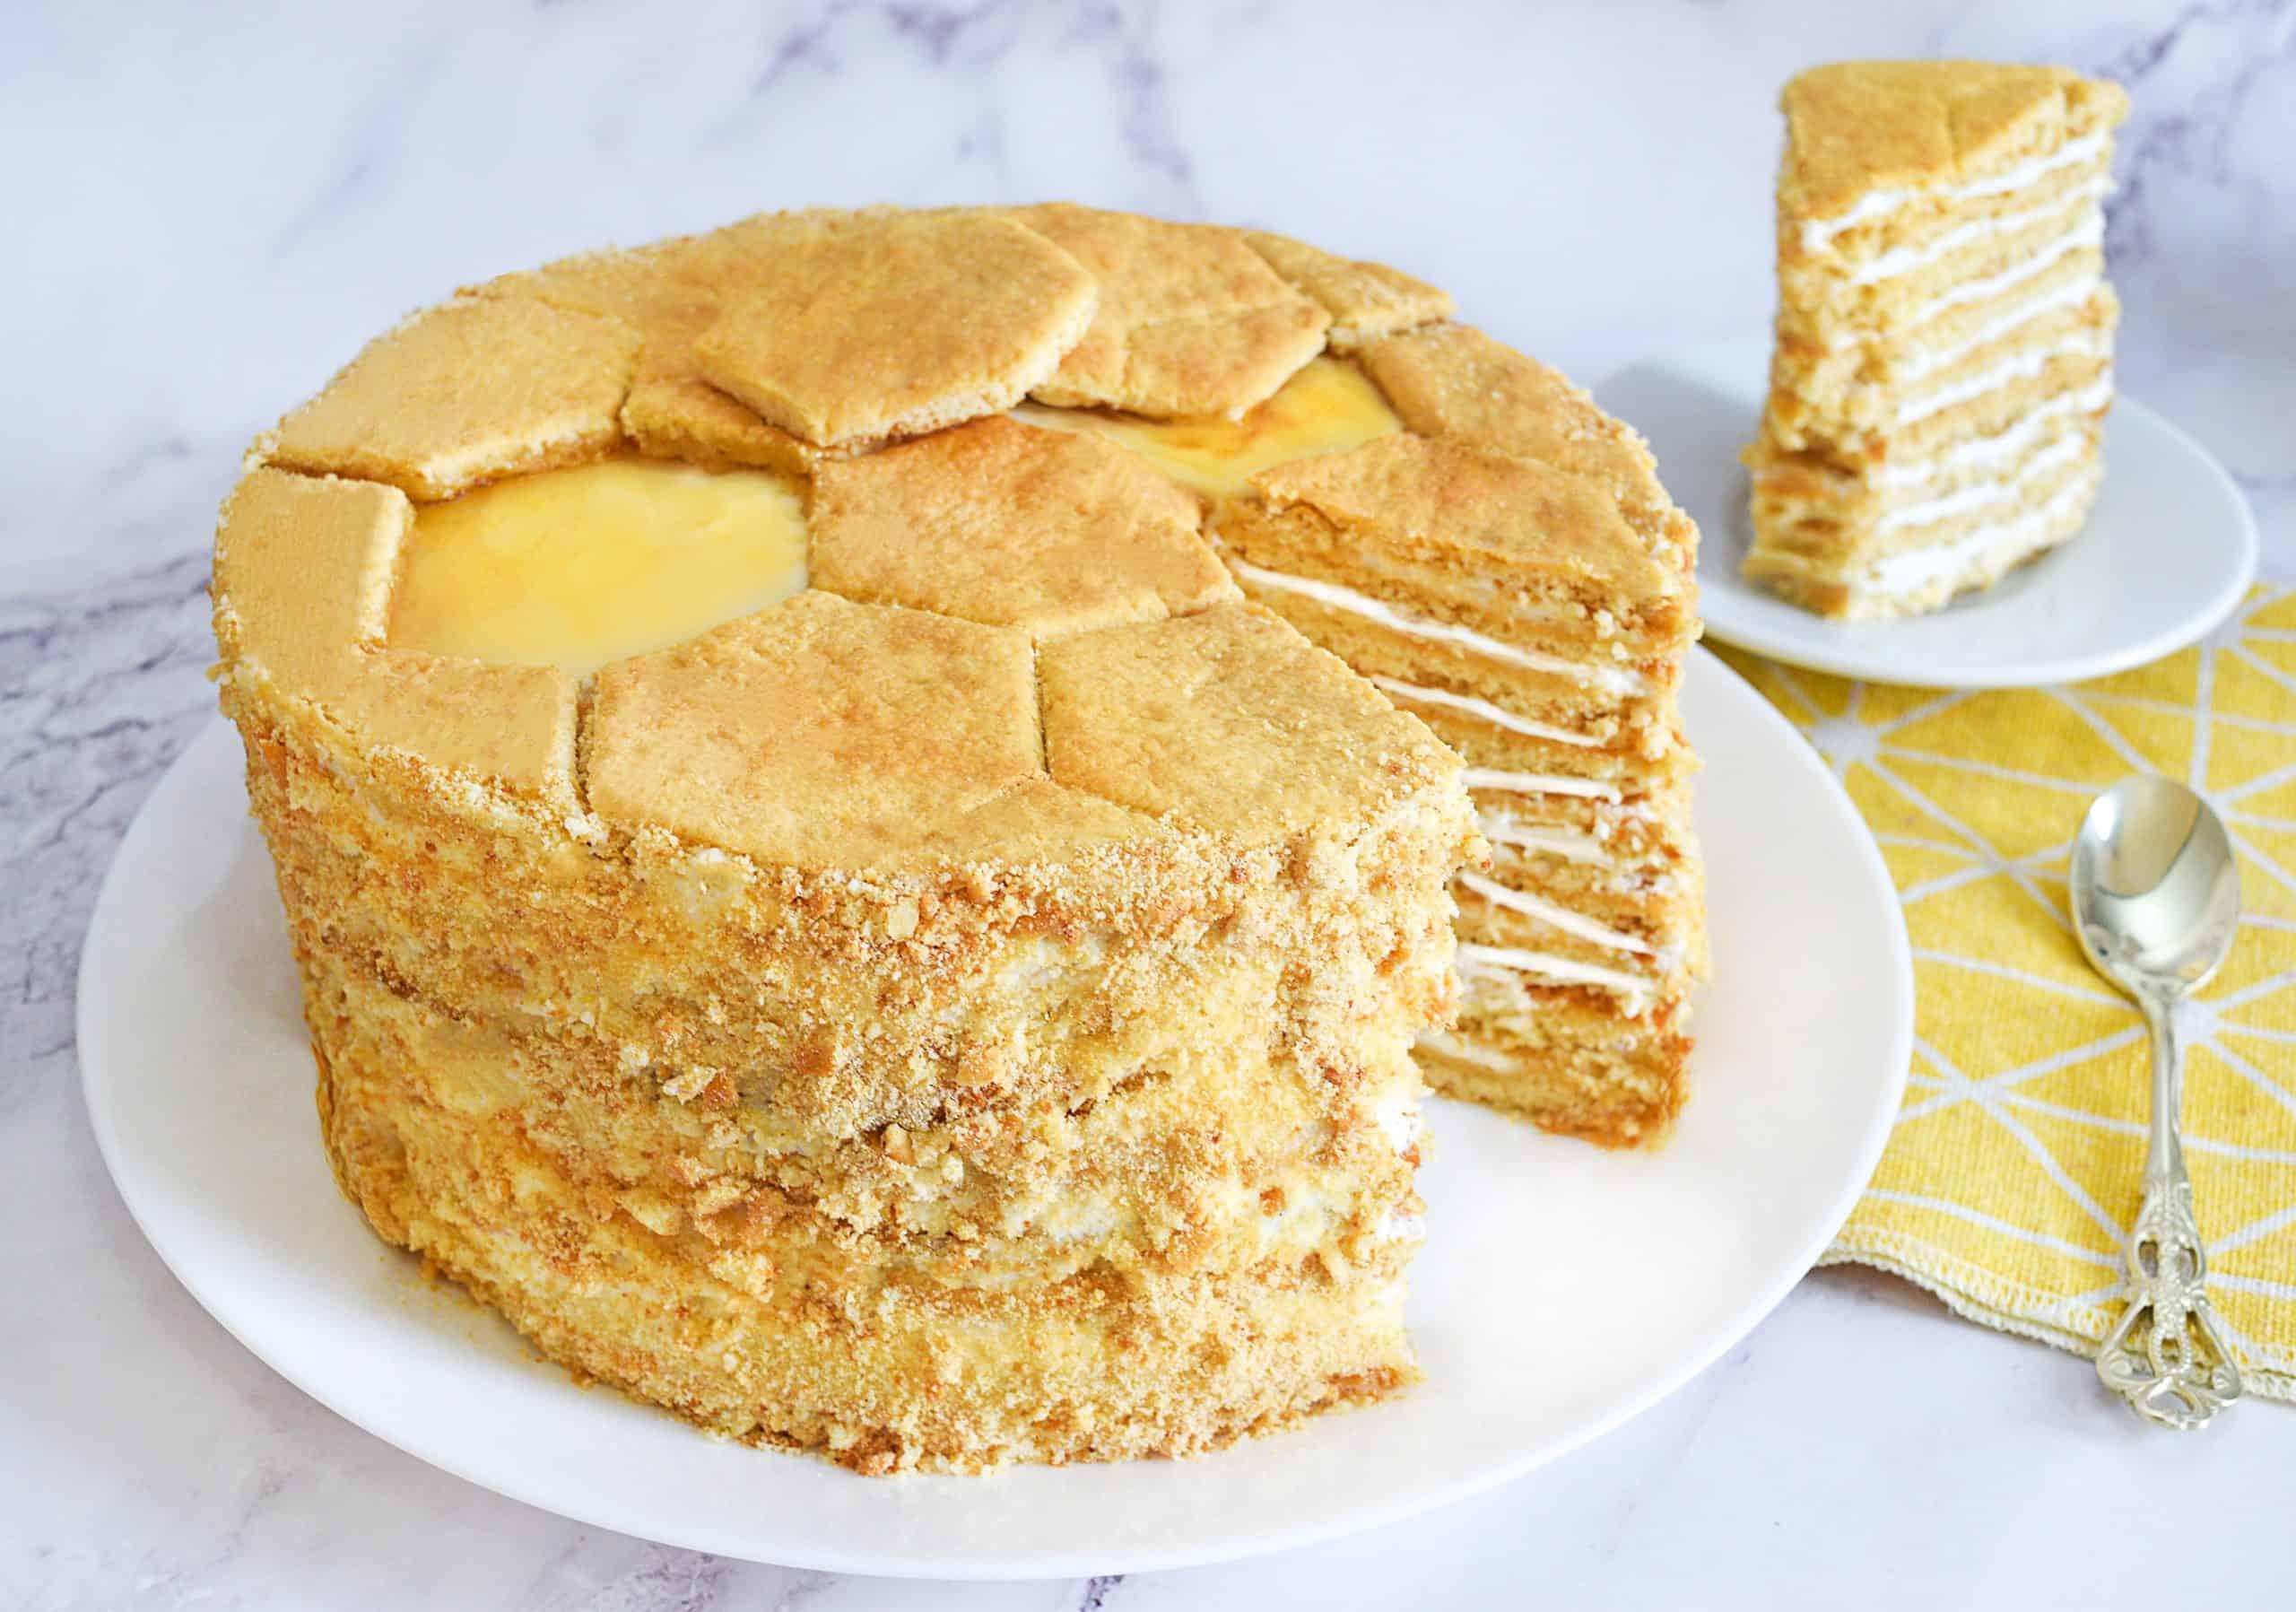 עוגת מדוביק - עוגת שכבות רוסית עם דבש ושמנת חמוצה | צילום: ספיר דהן